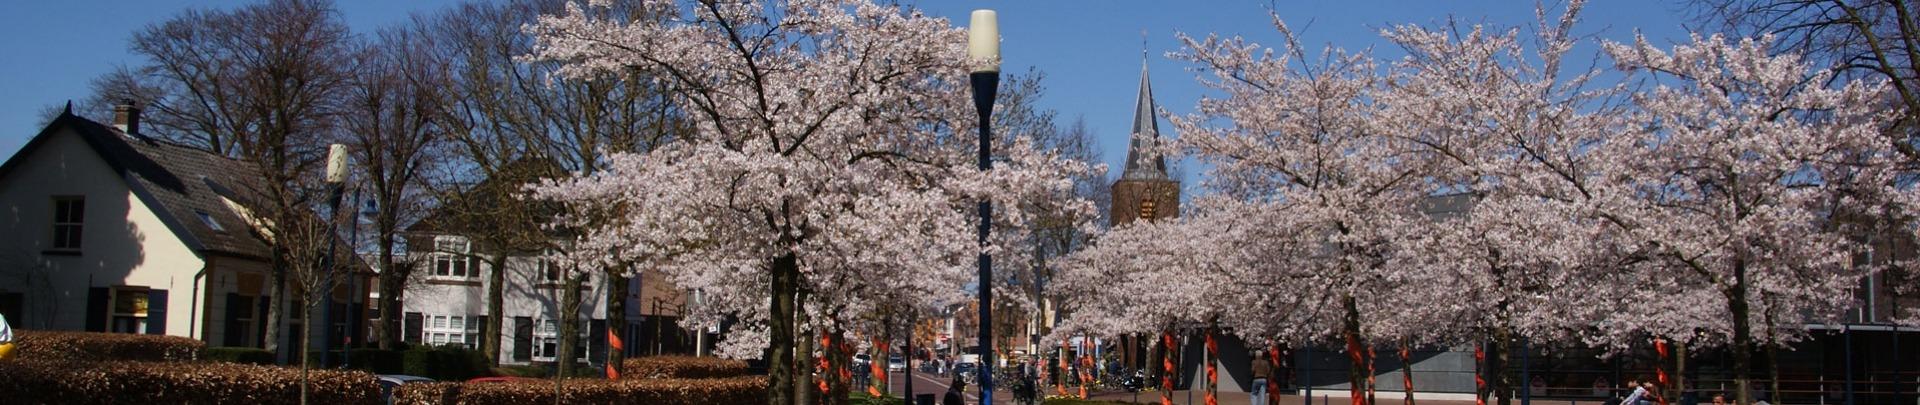 Fruitbomen met kerktoren op de achtergrond